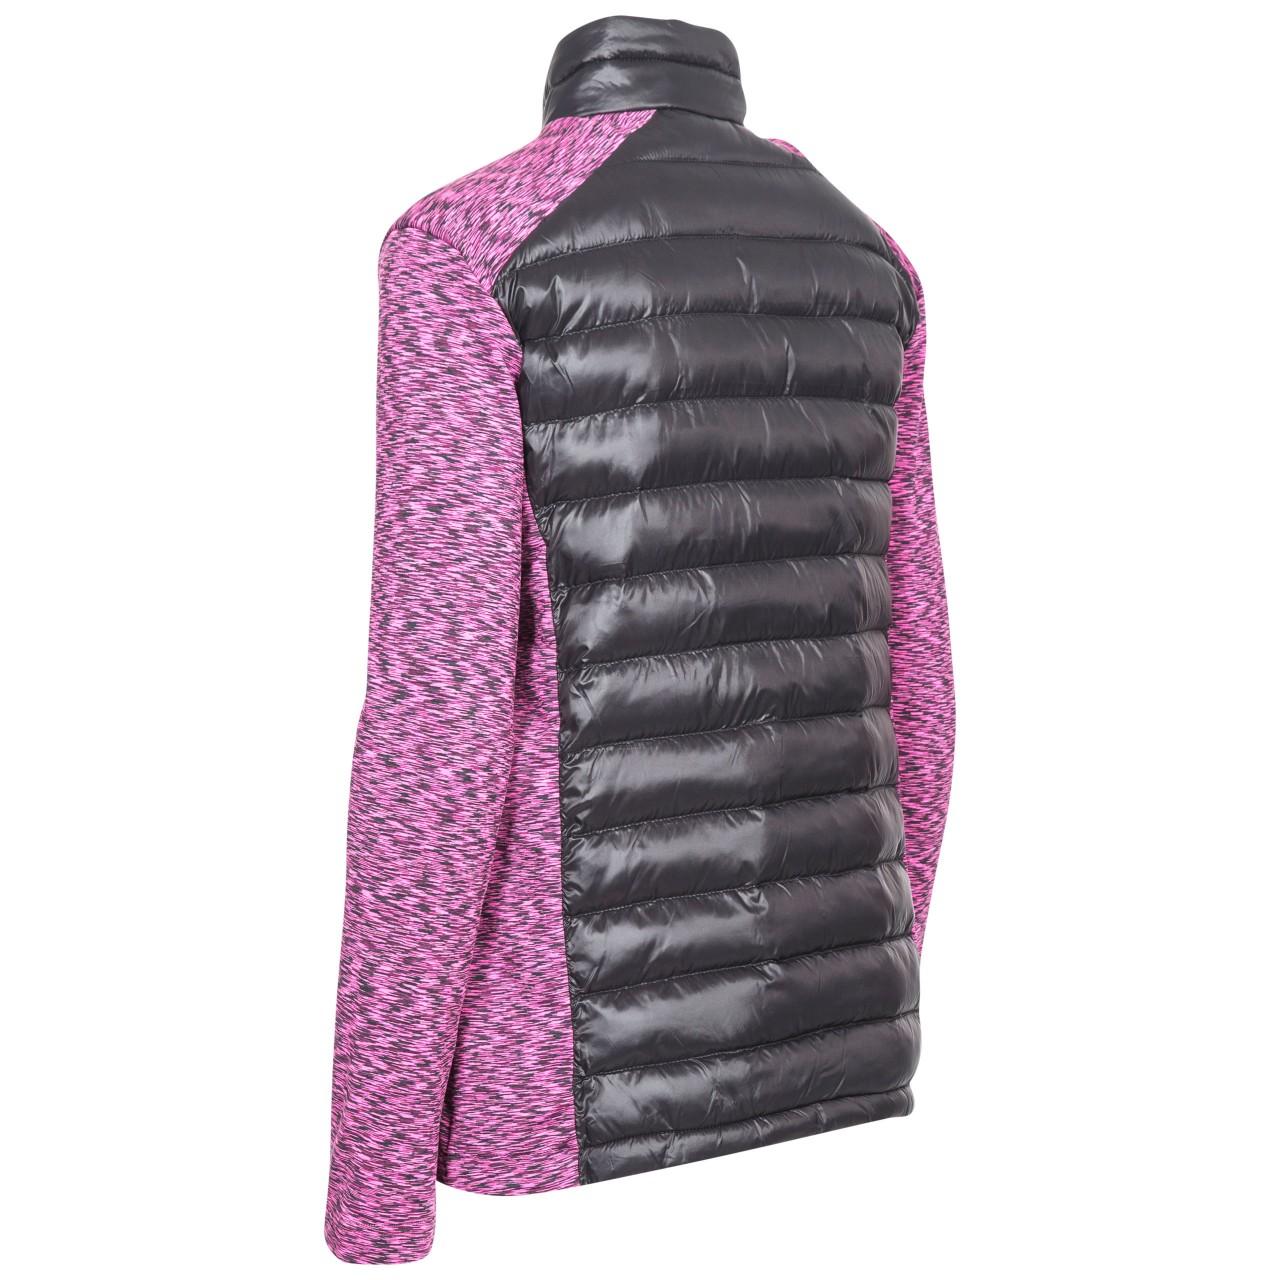 Marl tp4423 Pink Glow Jacket Active Trespass Dames Torrey dames nUaaRf